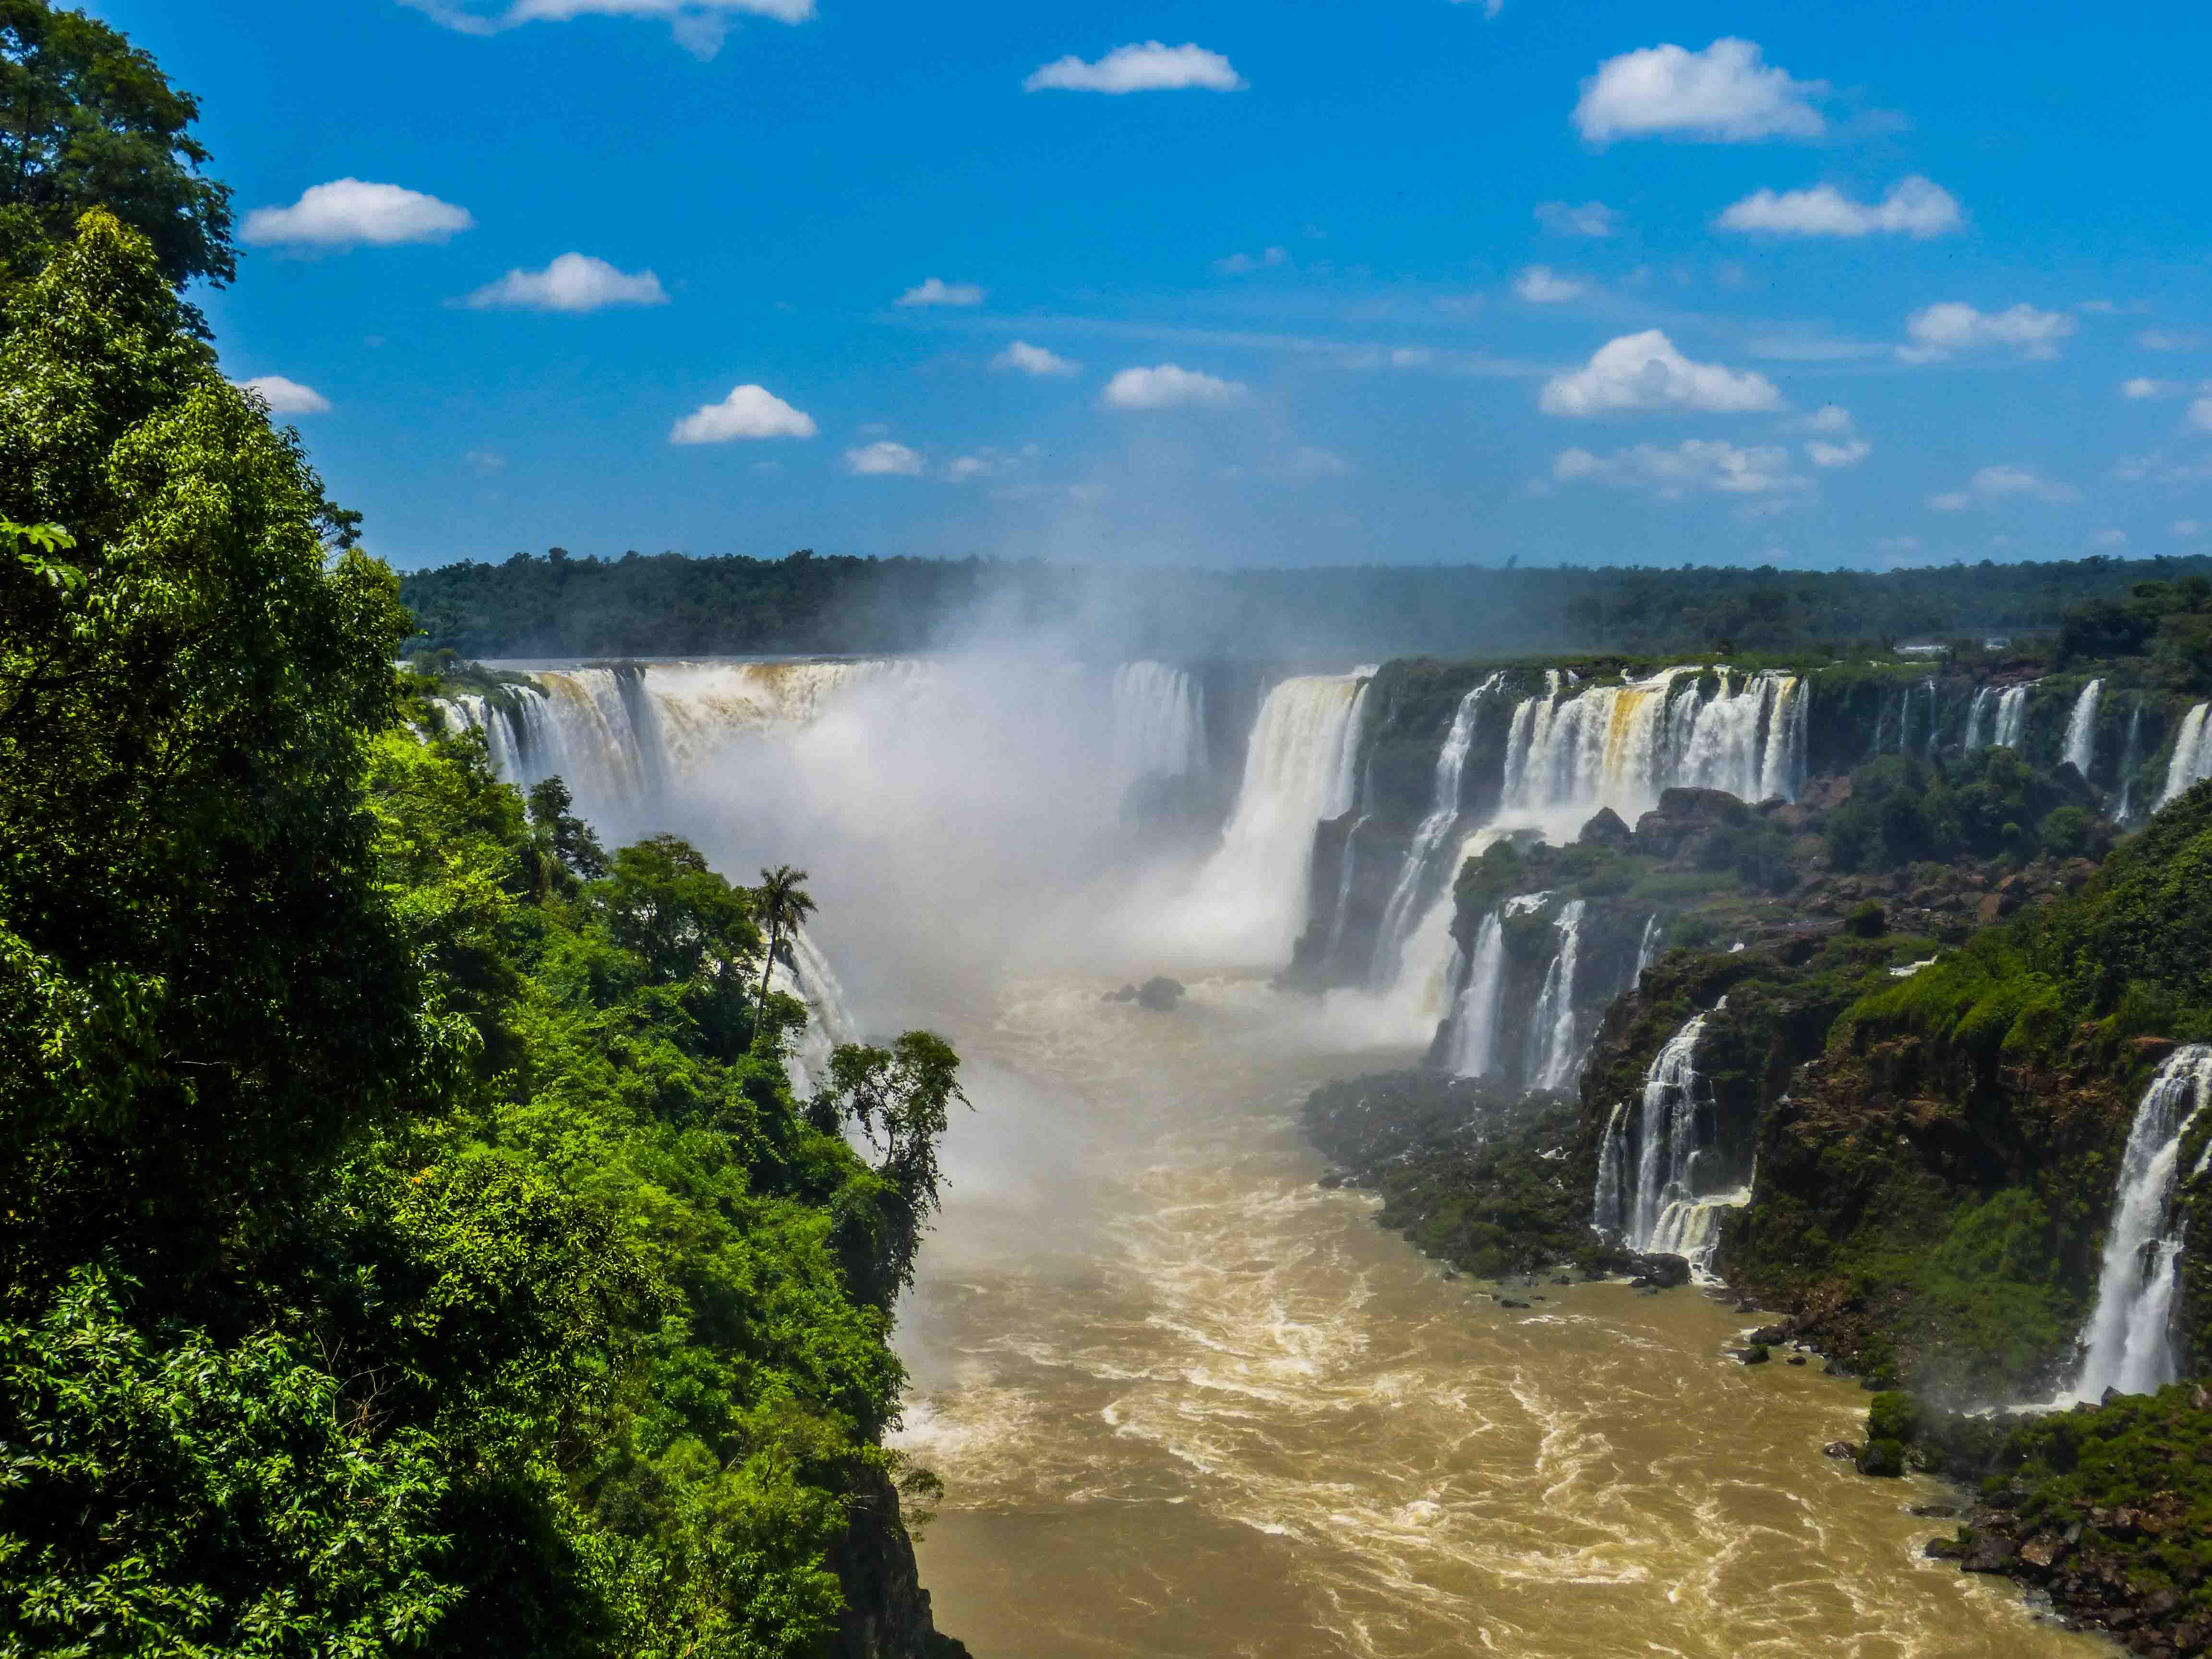 The magnificent Iguazú Falls